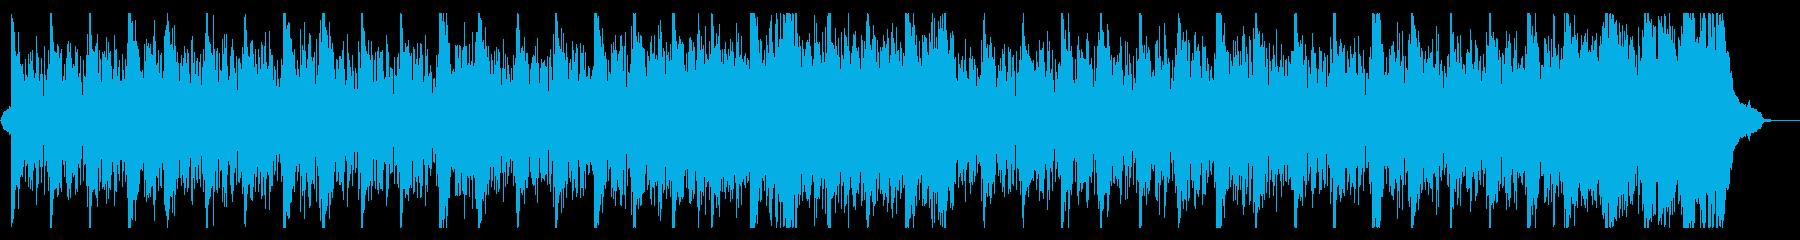 幸せで温かいオーケストラ企業VPの再生済みの波形